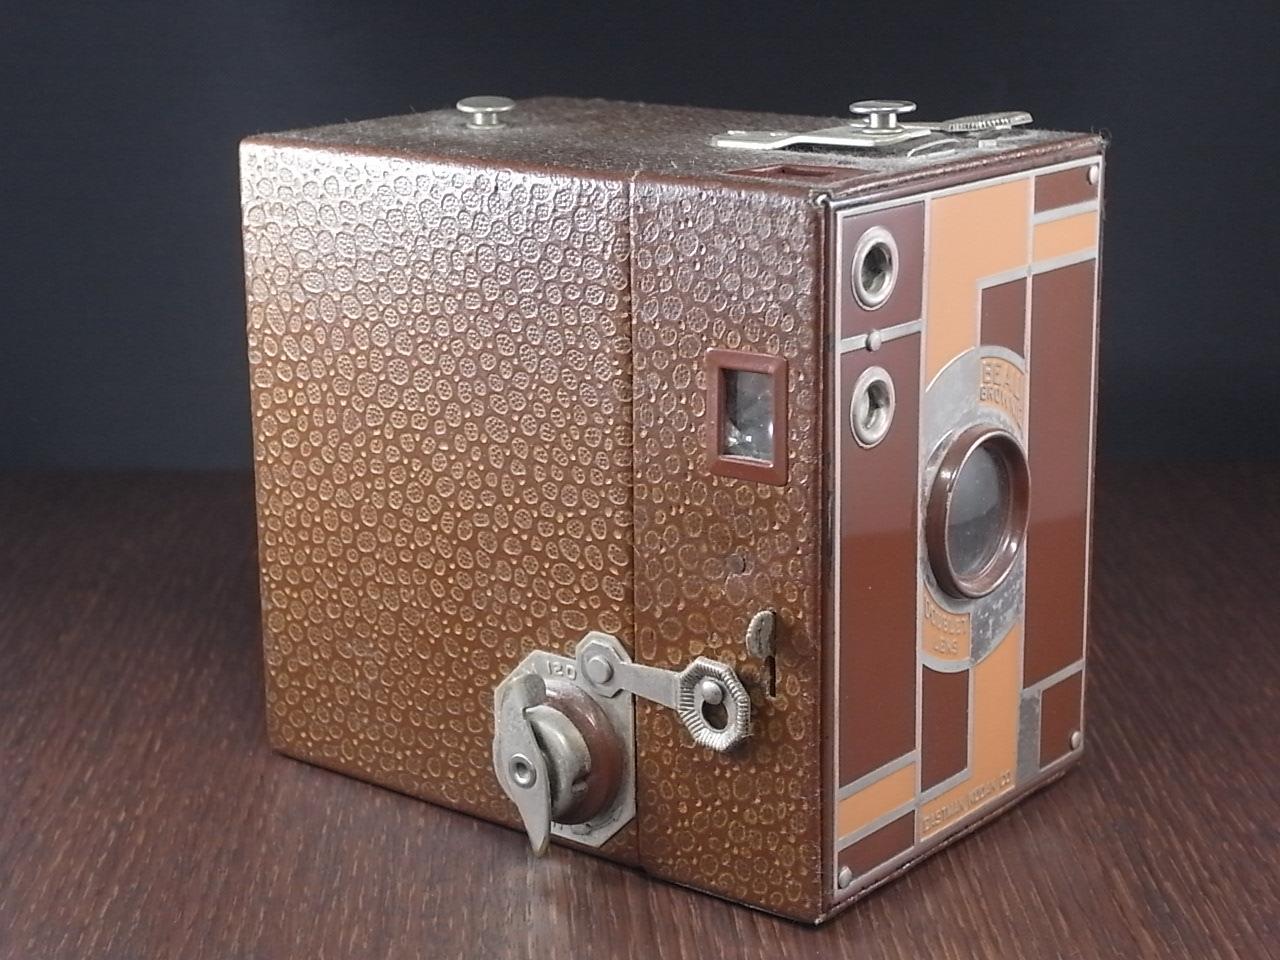 コダック No.2 ブローニー アールデコカメラ ブラウンの写真2枚目